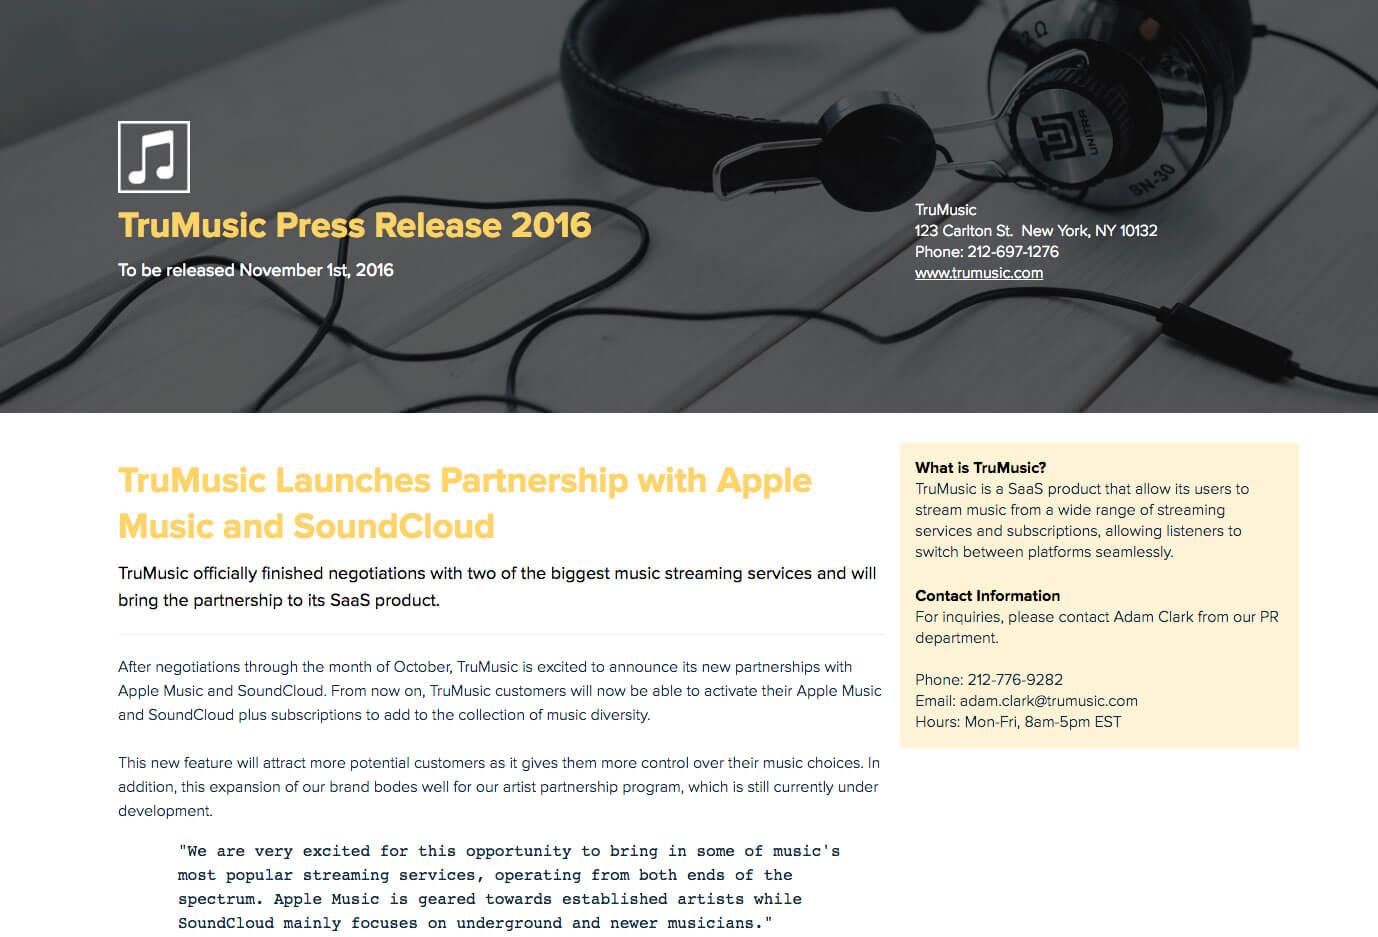 TruMusic Media Release